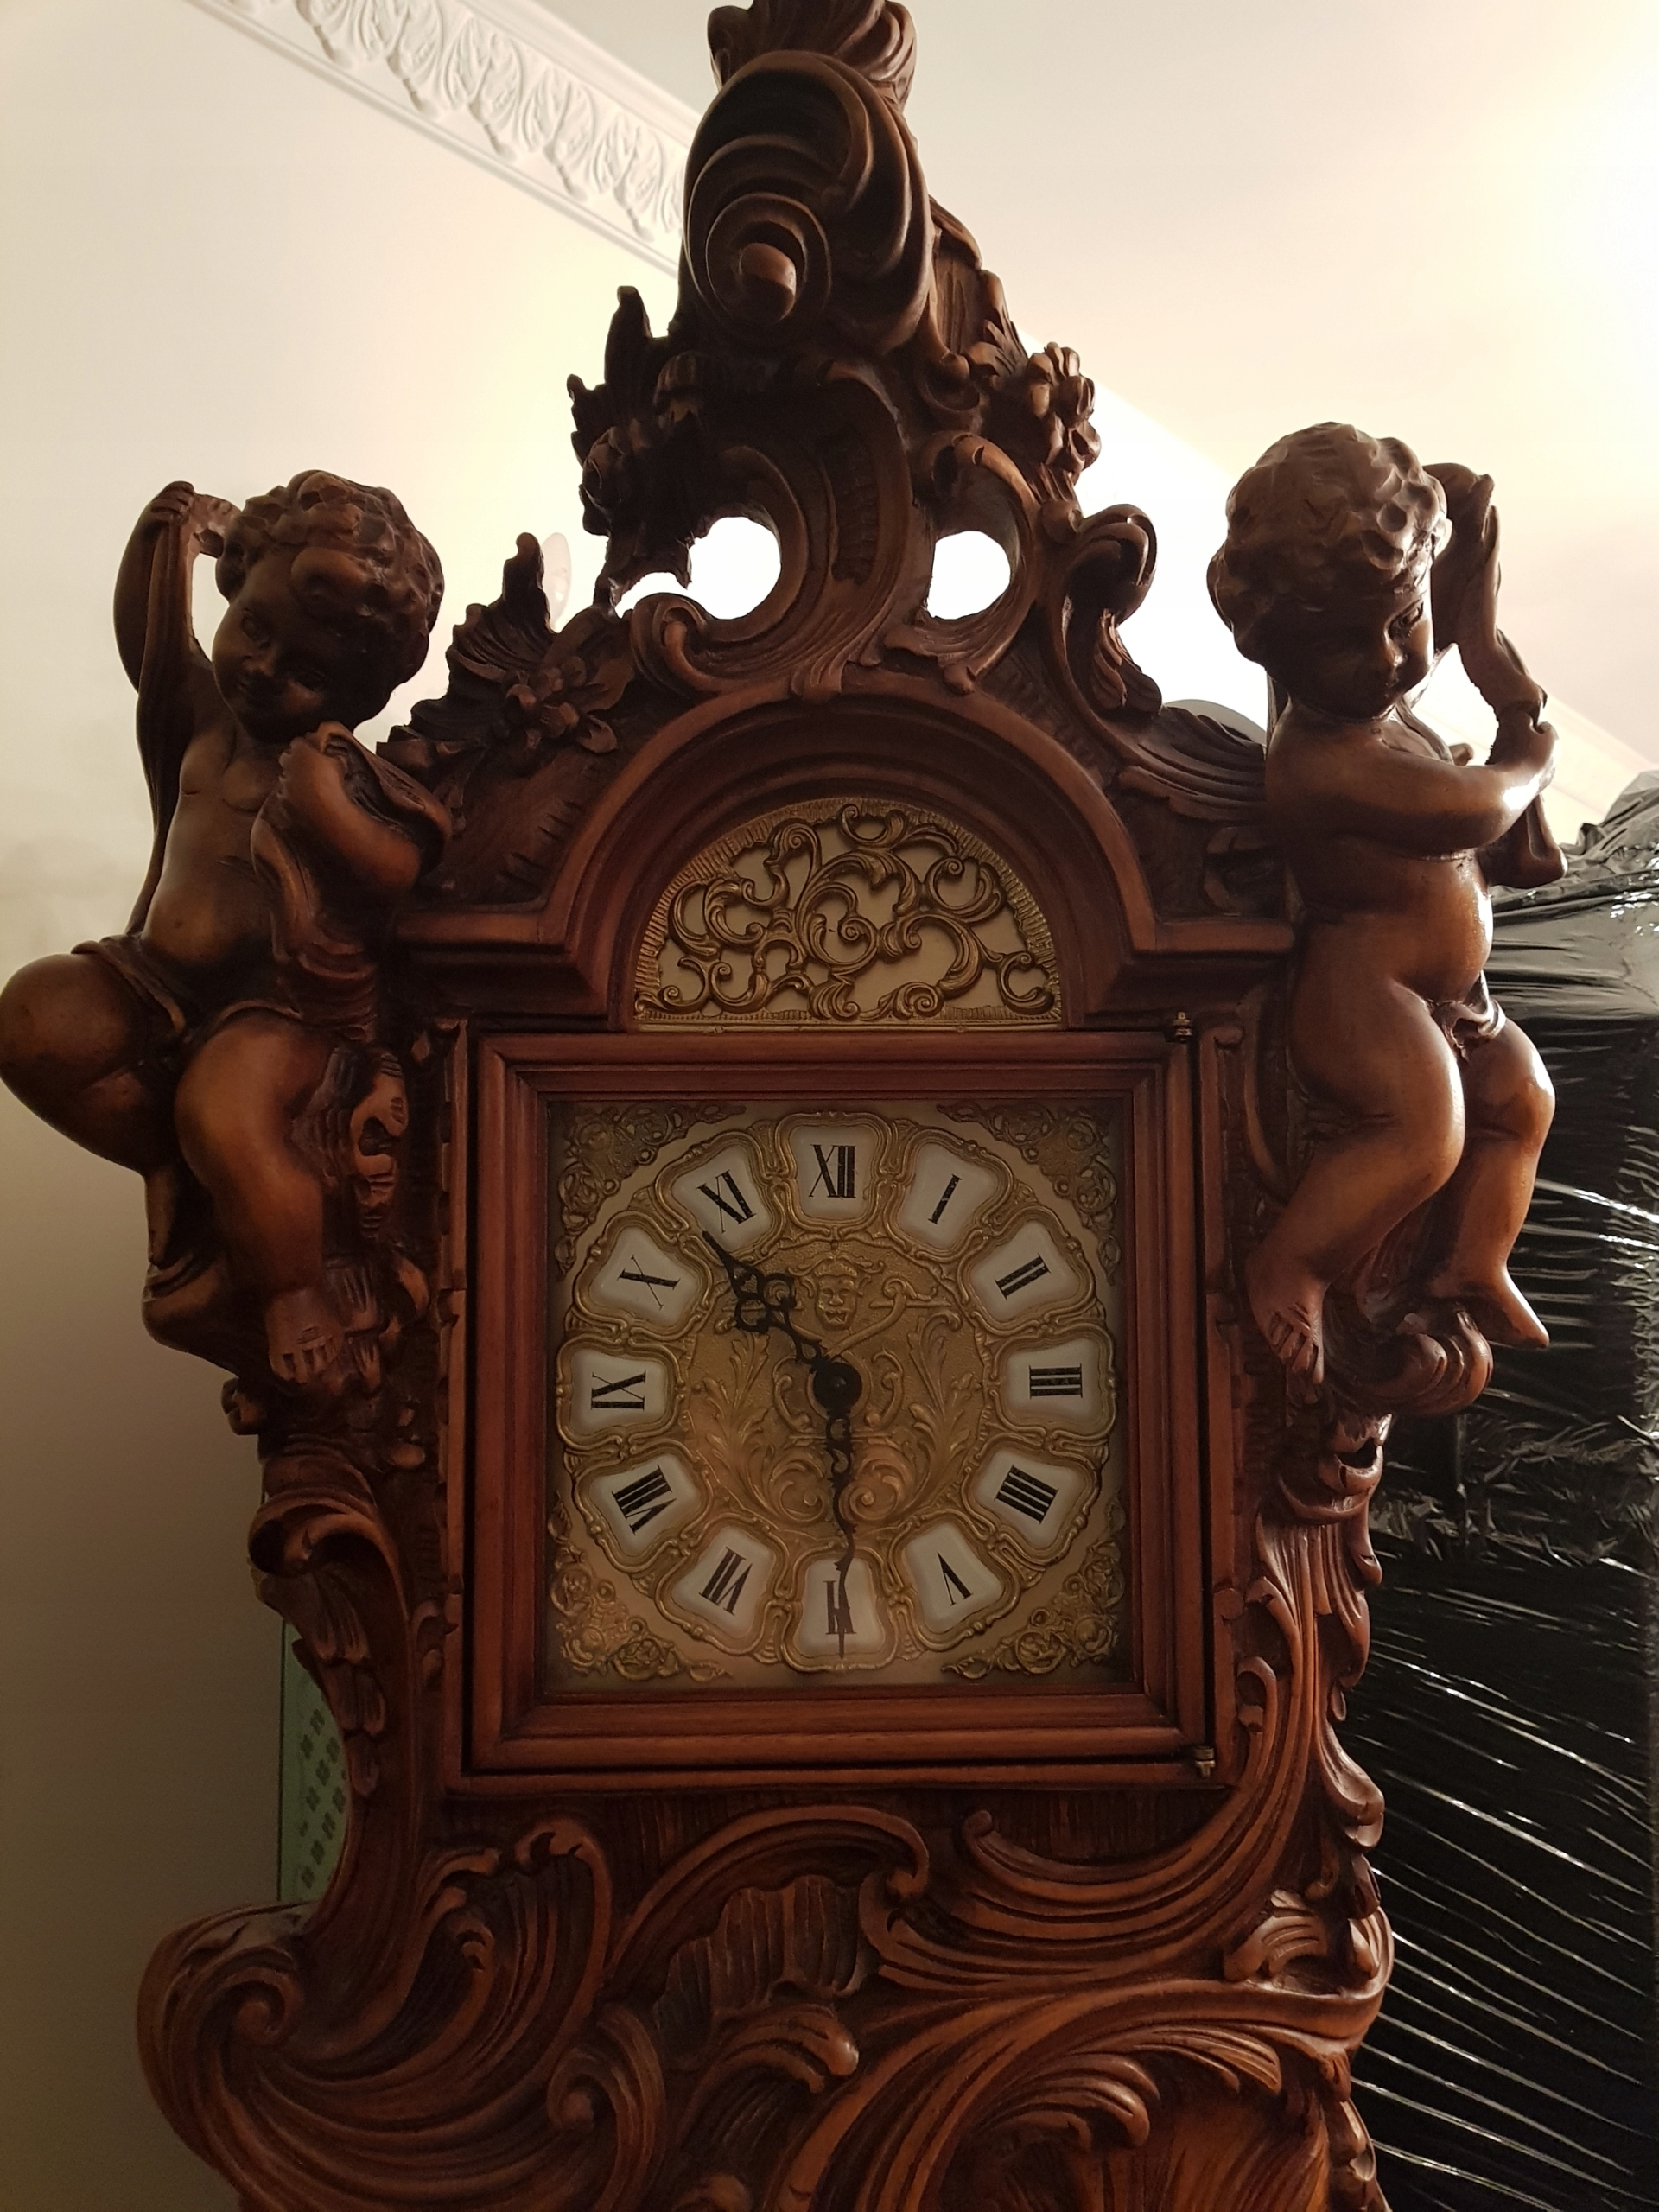 Zegar Stojący Barokowy Z Amorami 7824402875 Oficjalne